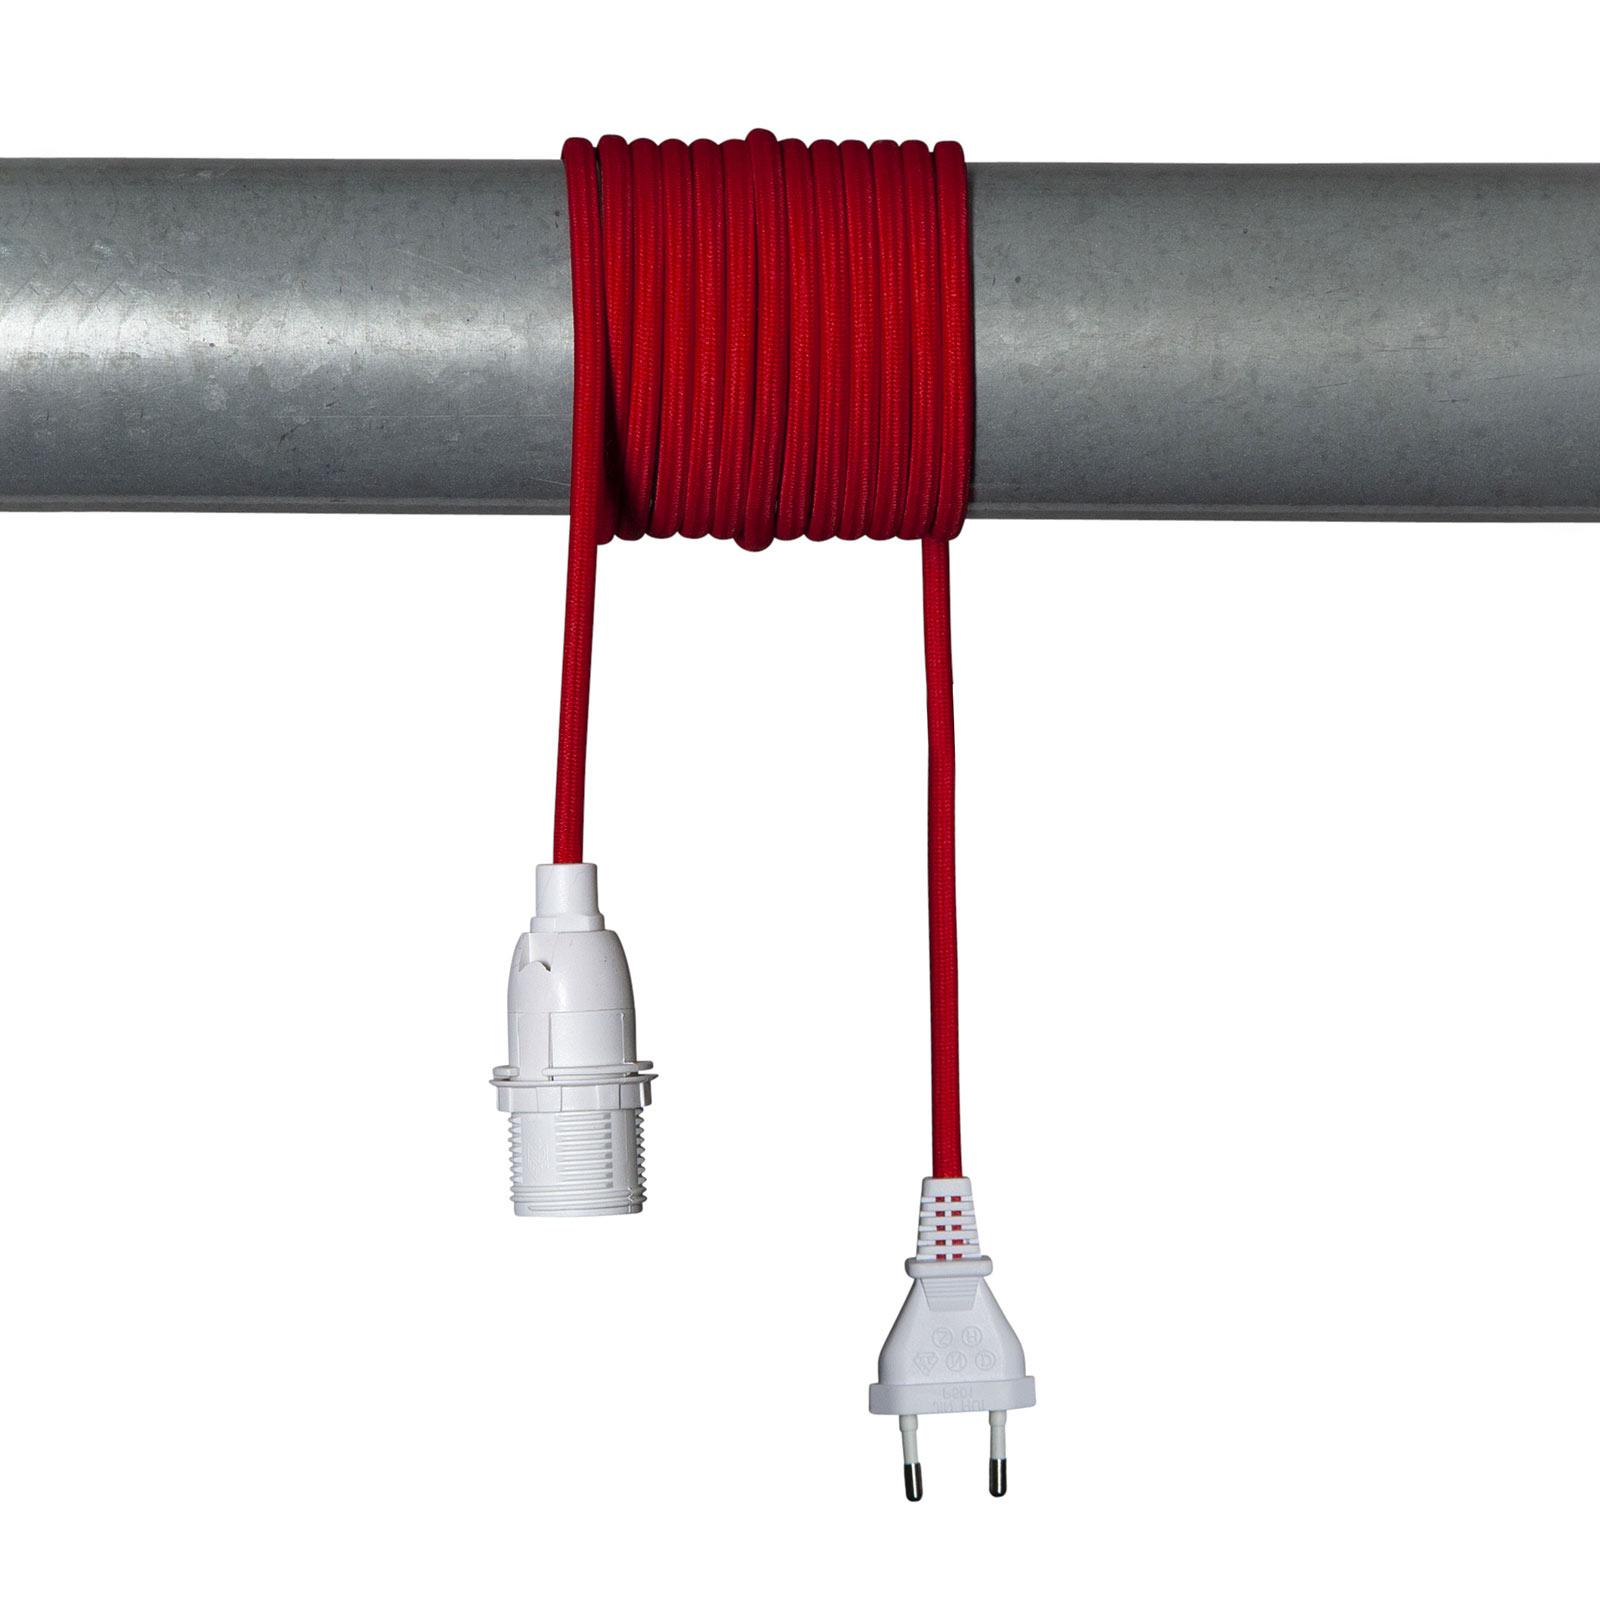 E14-fatning Lacy med kabel, rød og hvit